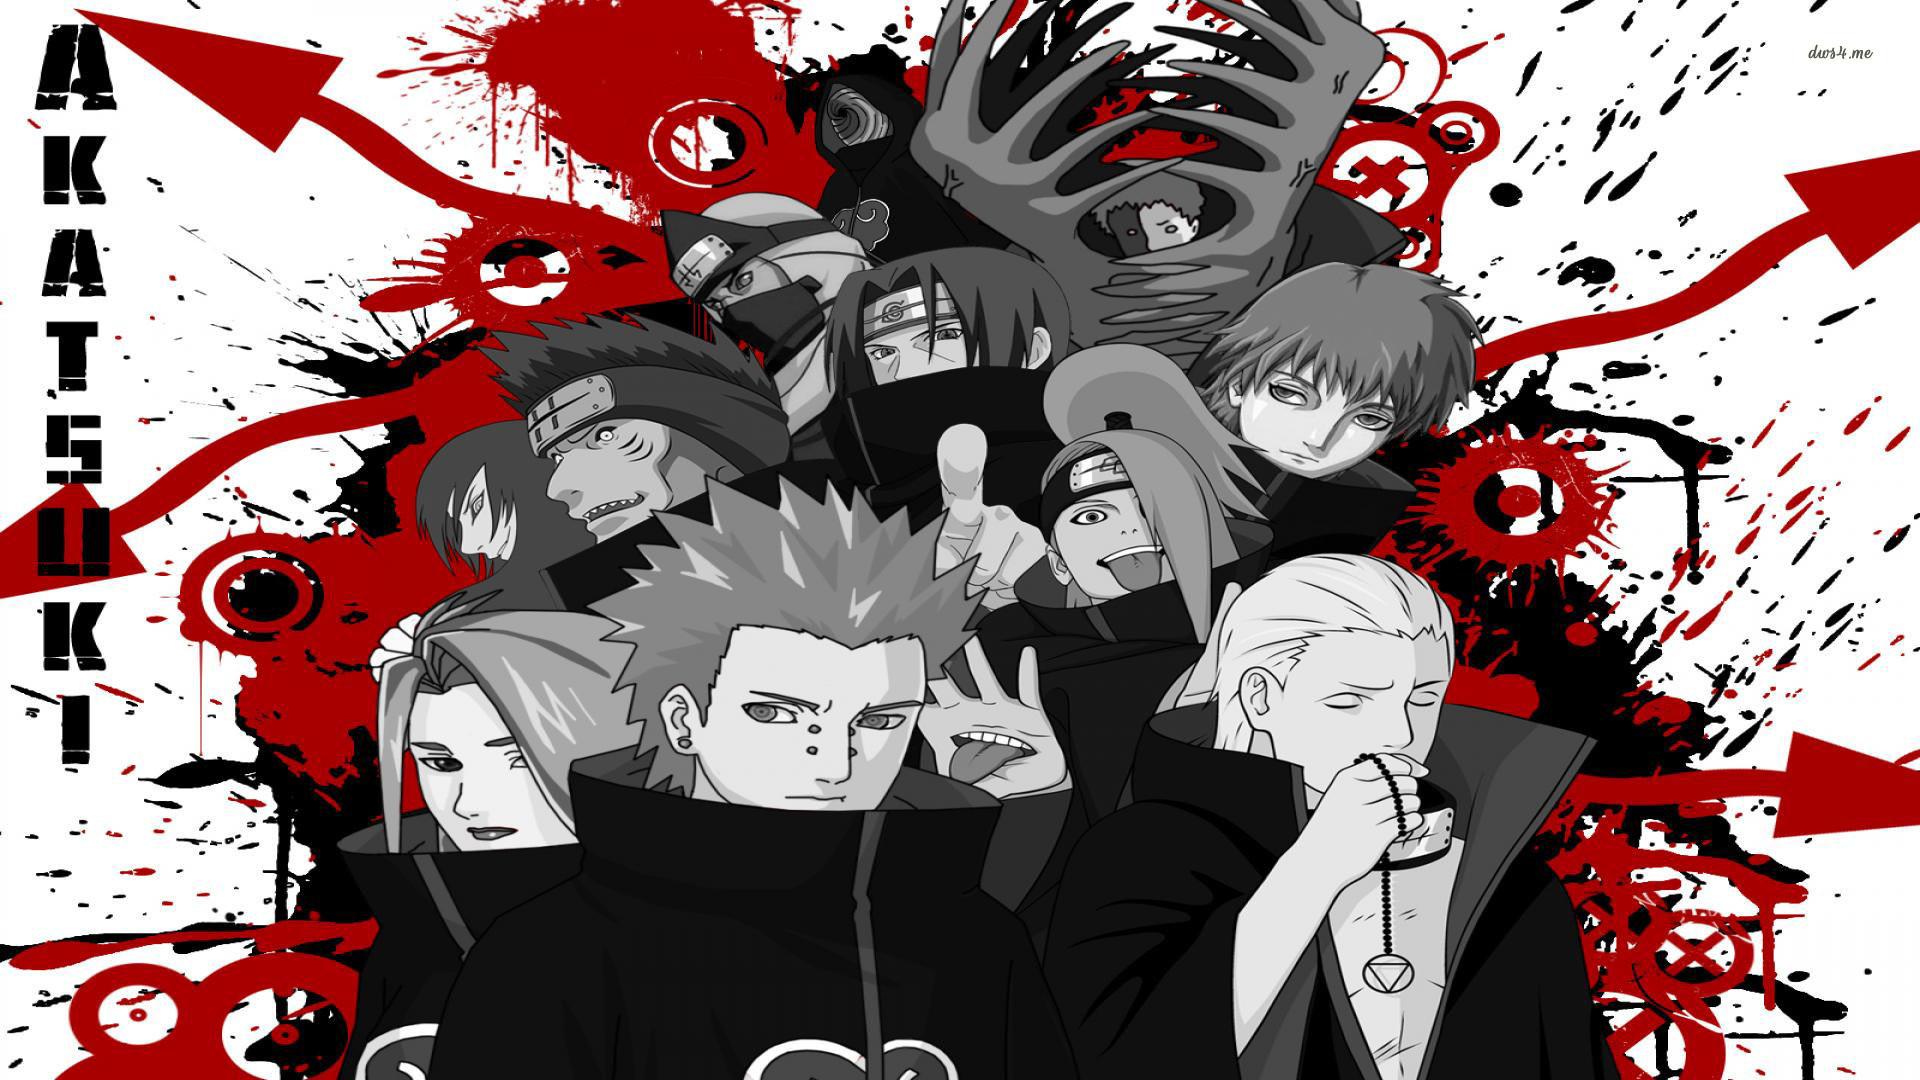 Res: 1920x1080, ... Akatsuki - Naruto-Shippuden wallpaper  ...